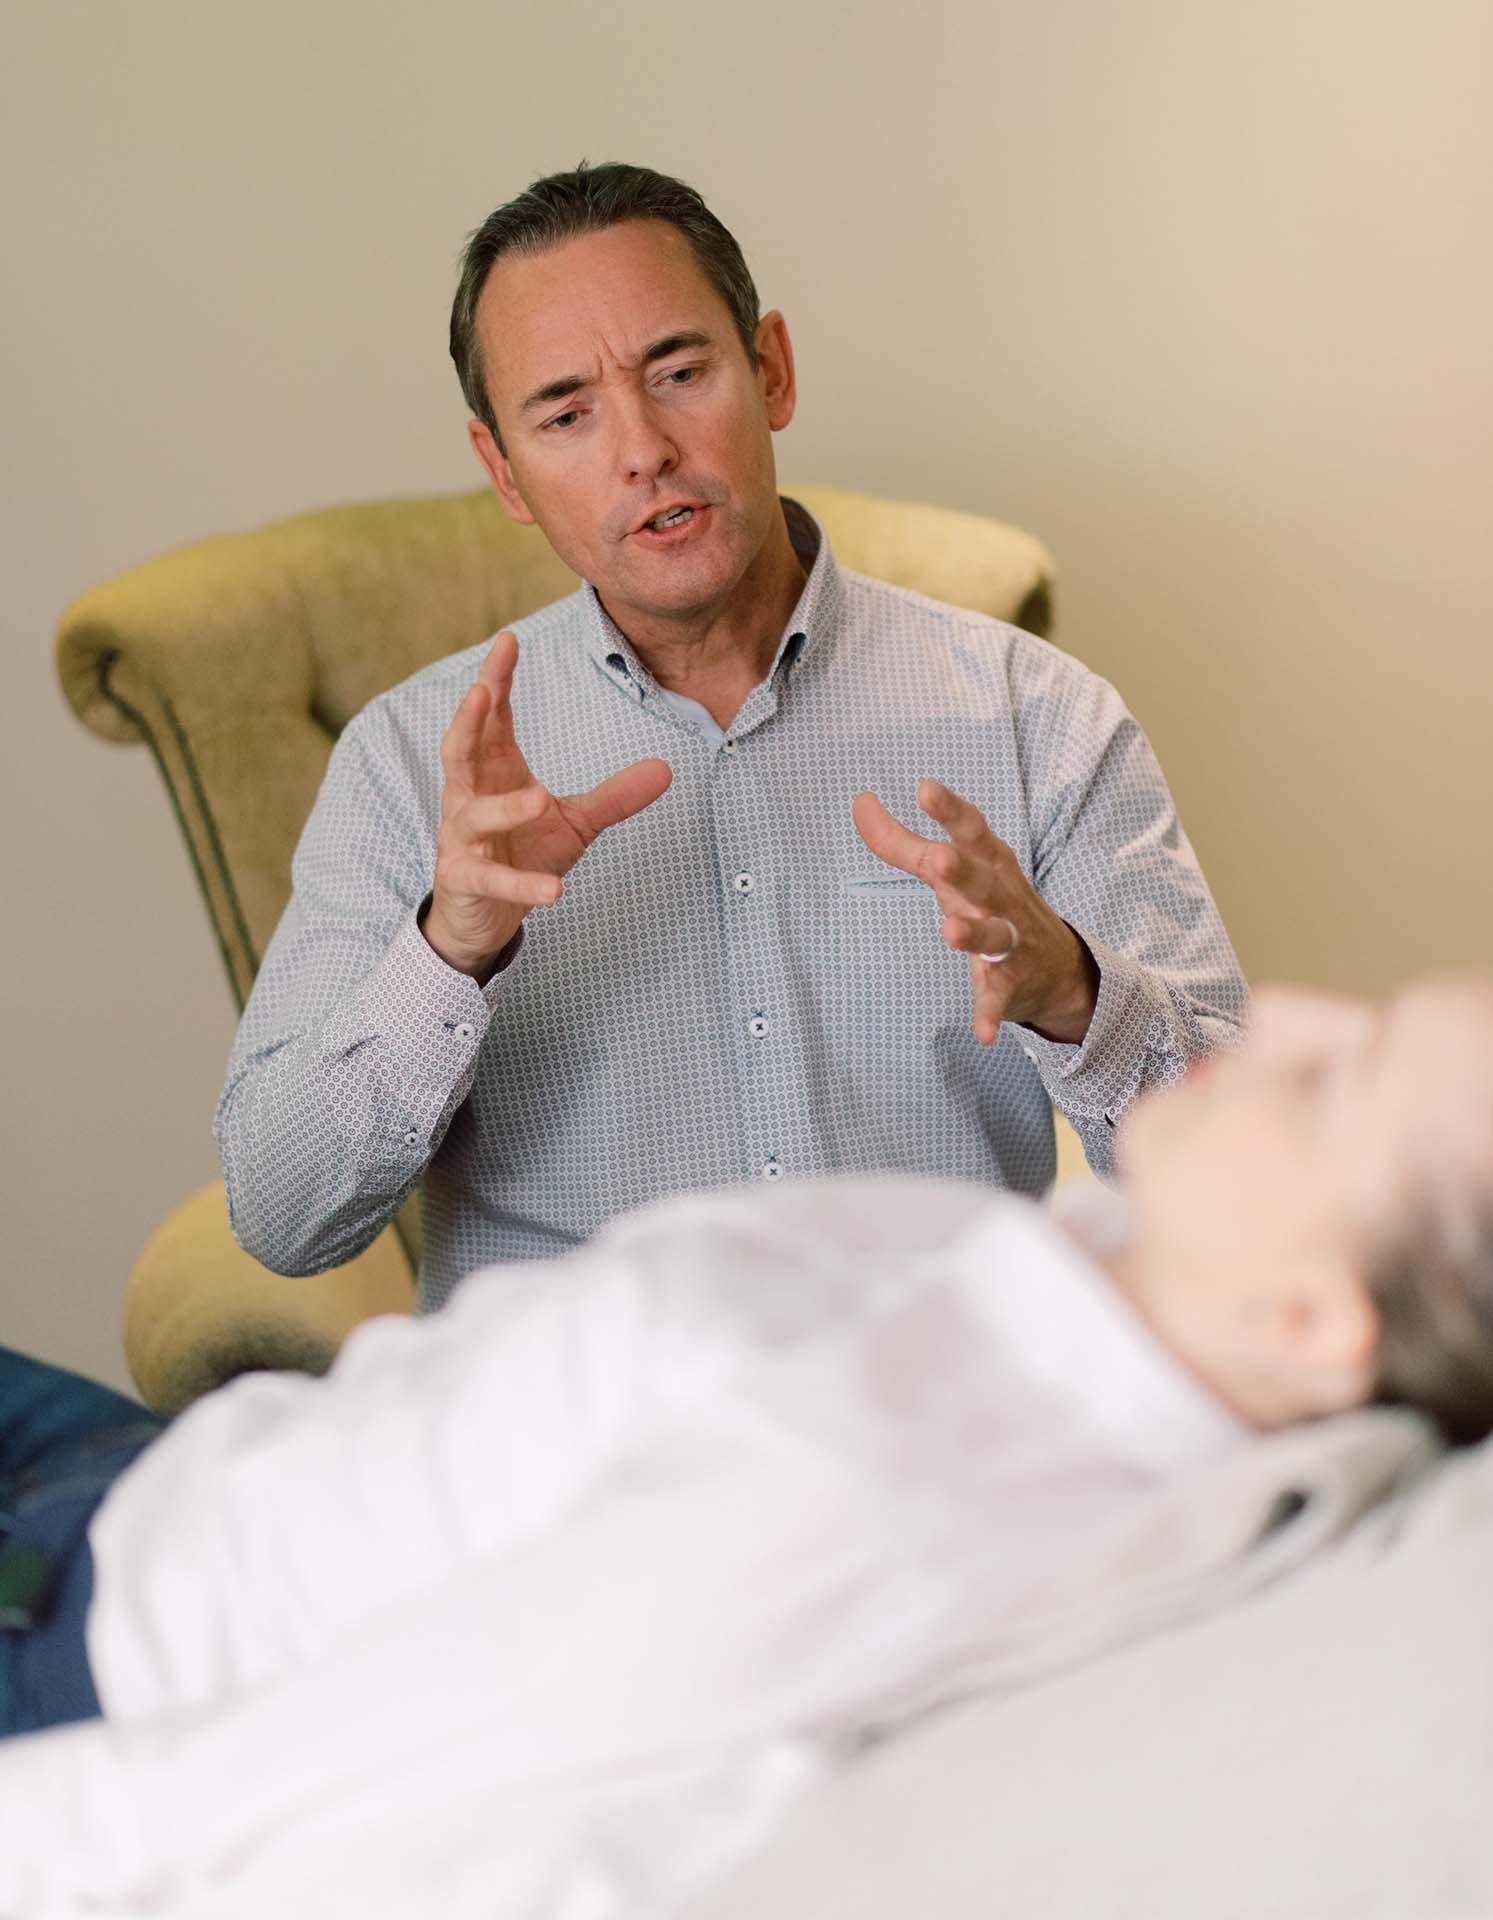 Prise en charge de 4 séances de psychologue